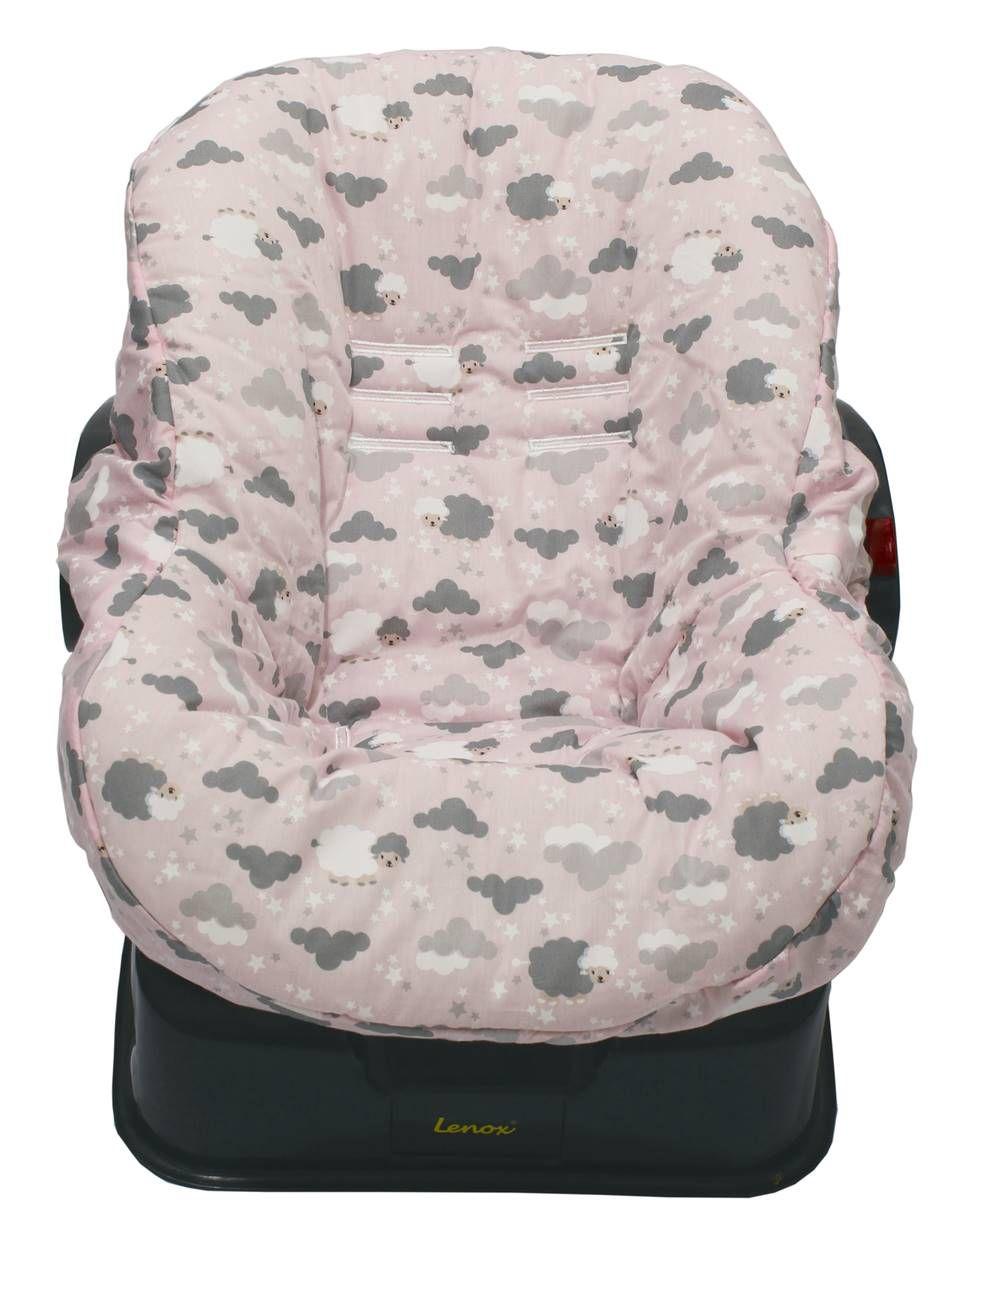 Capa de Bebê Conforto Dupla Face Ovelha Rosa